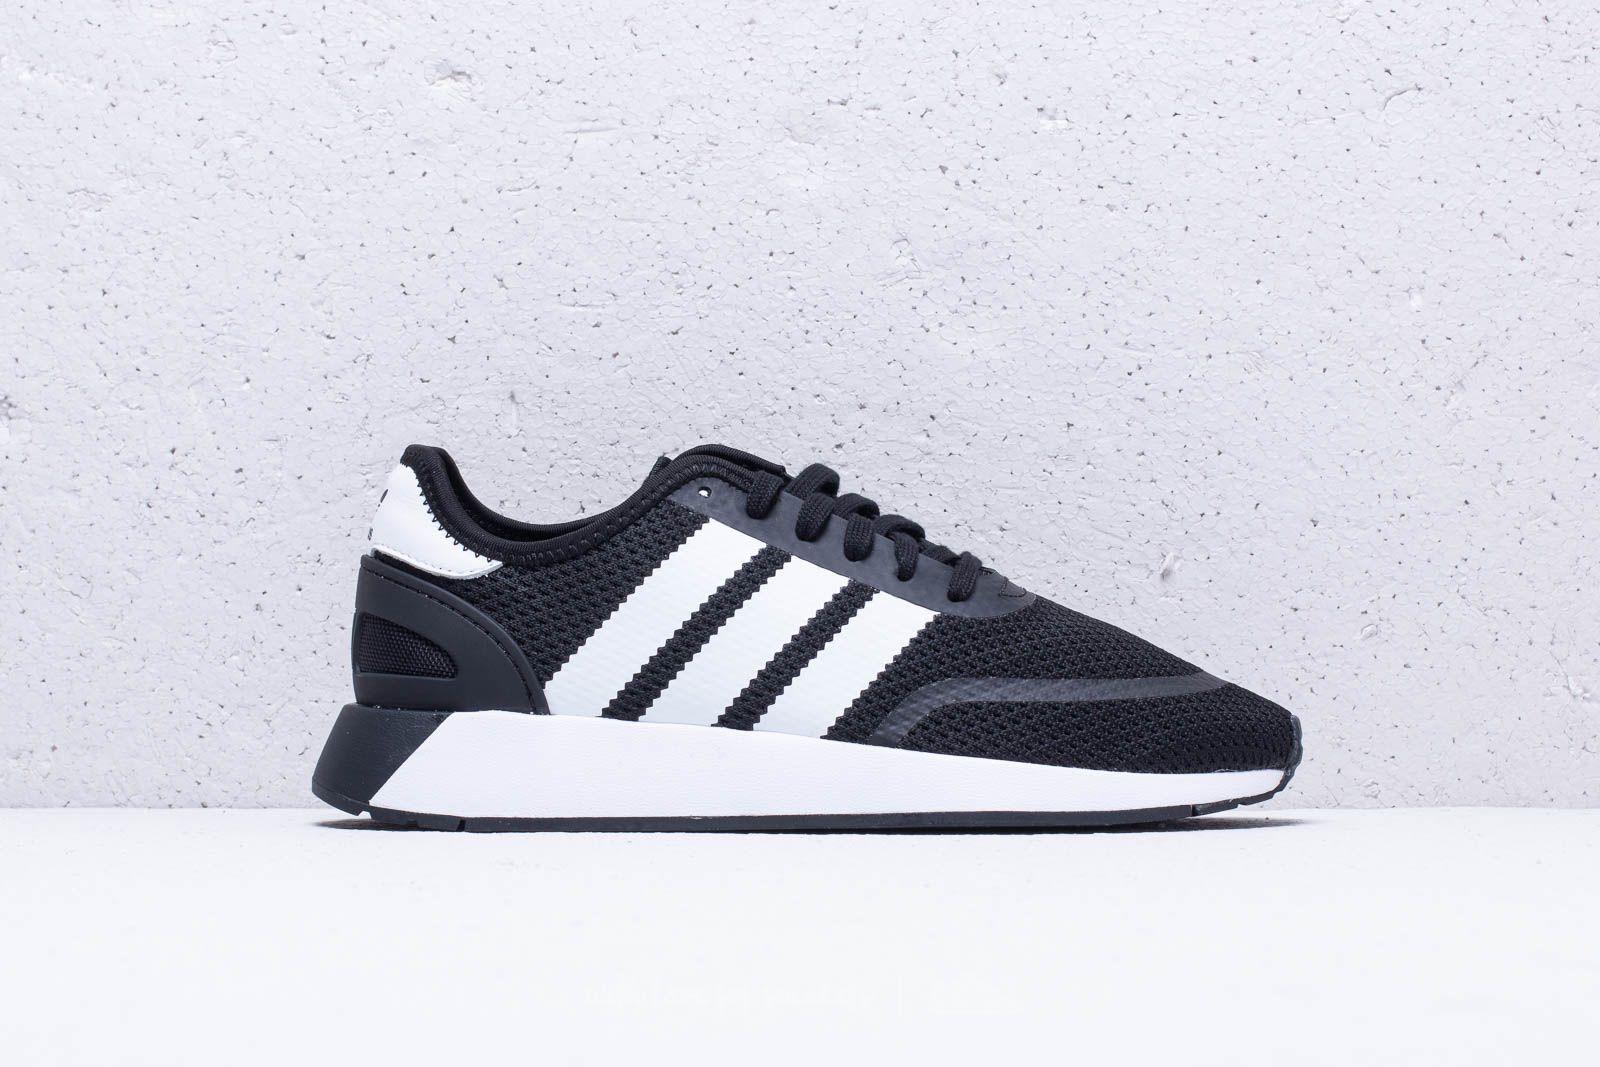 Adidas N Herstellung Qualifizierte Footshop schwarz Core